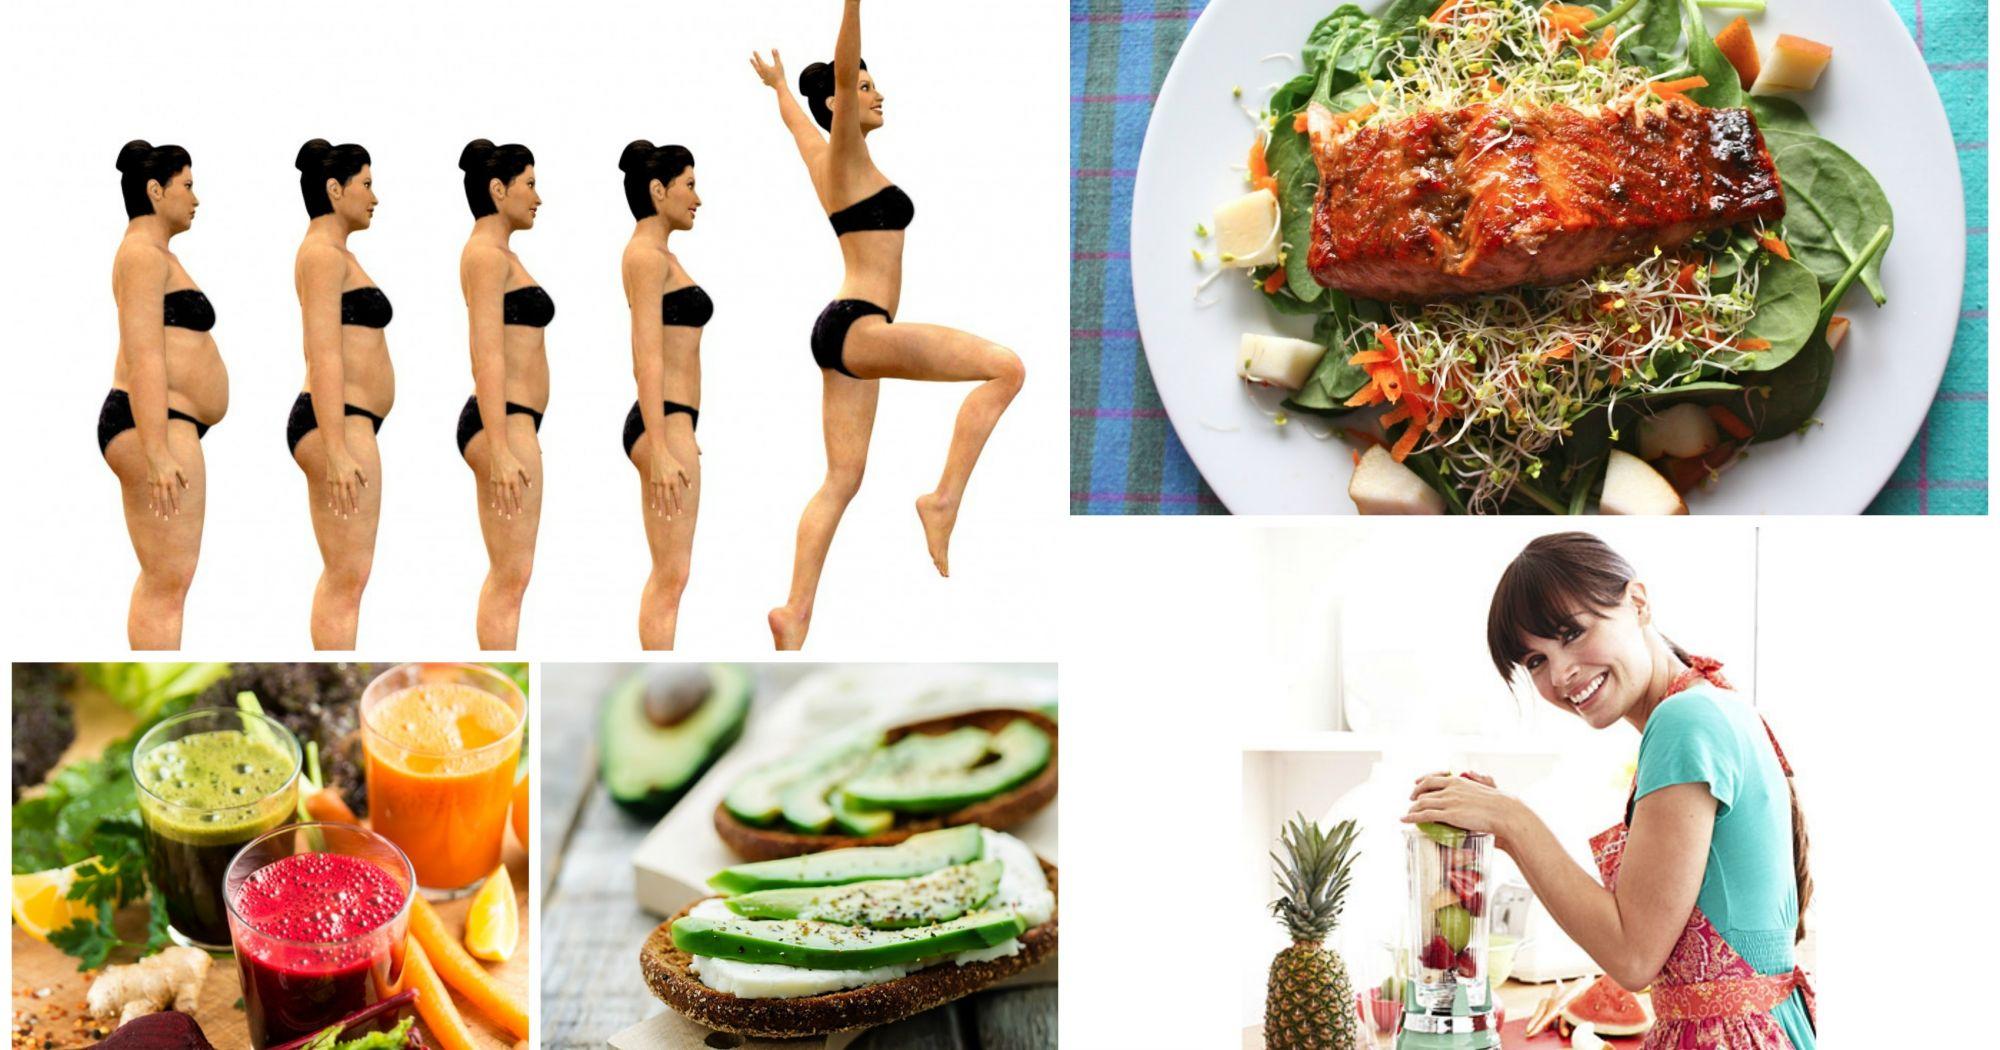 7 Especias Que Aceleran Еl Metabolismo  Mejor Con Salud